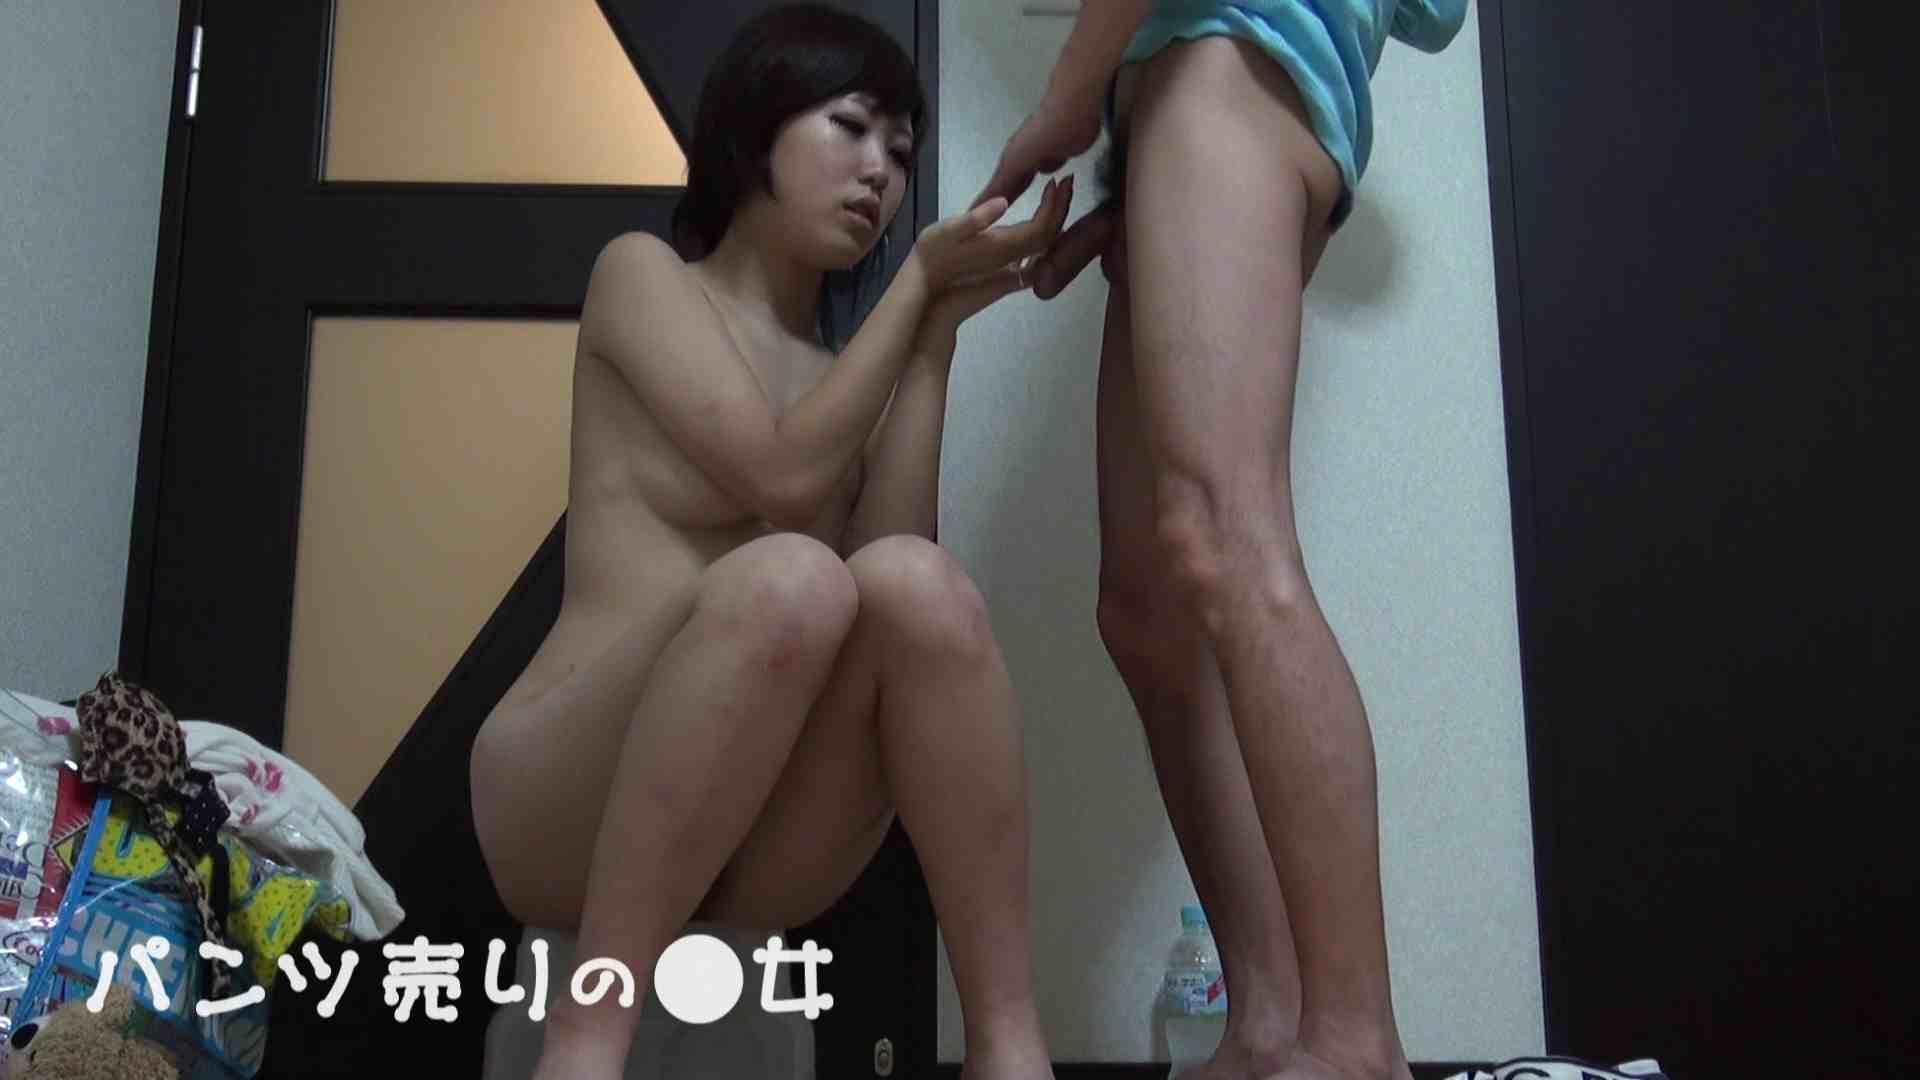 新説 パンツ売りの女の子nana02 一般投稿 | 0  55画像 32